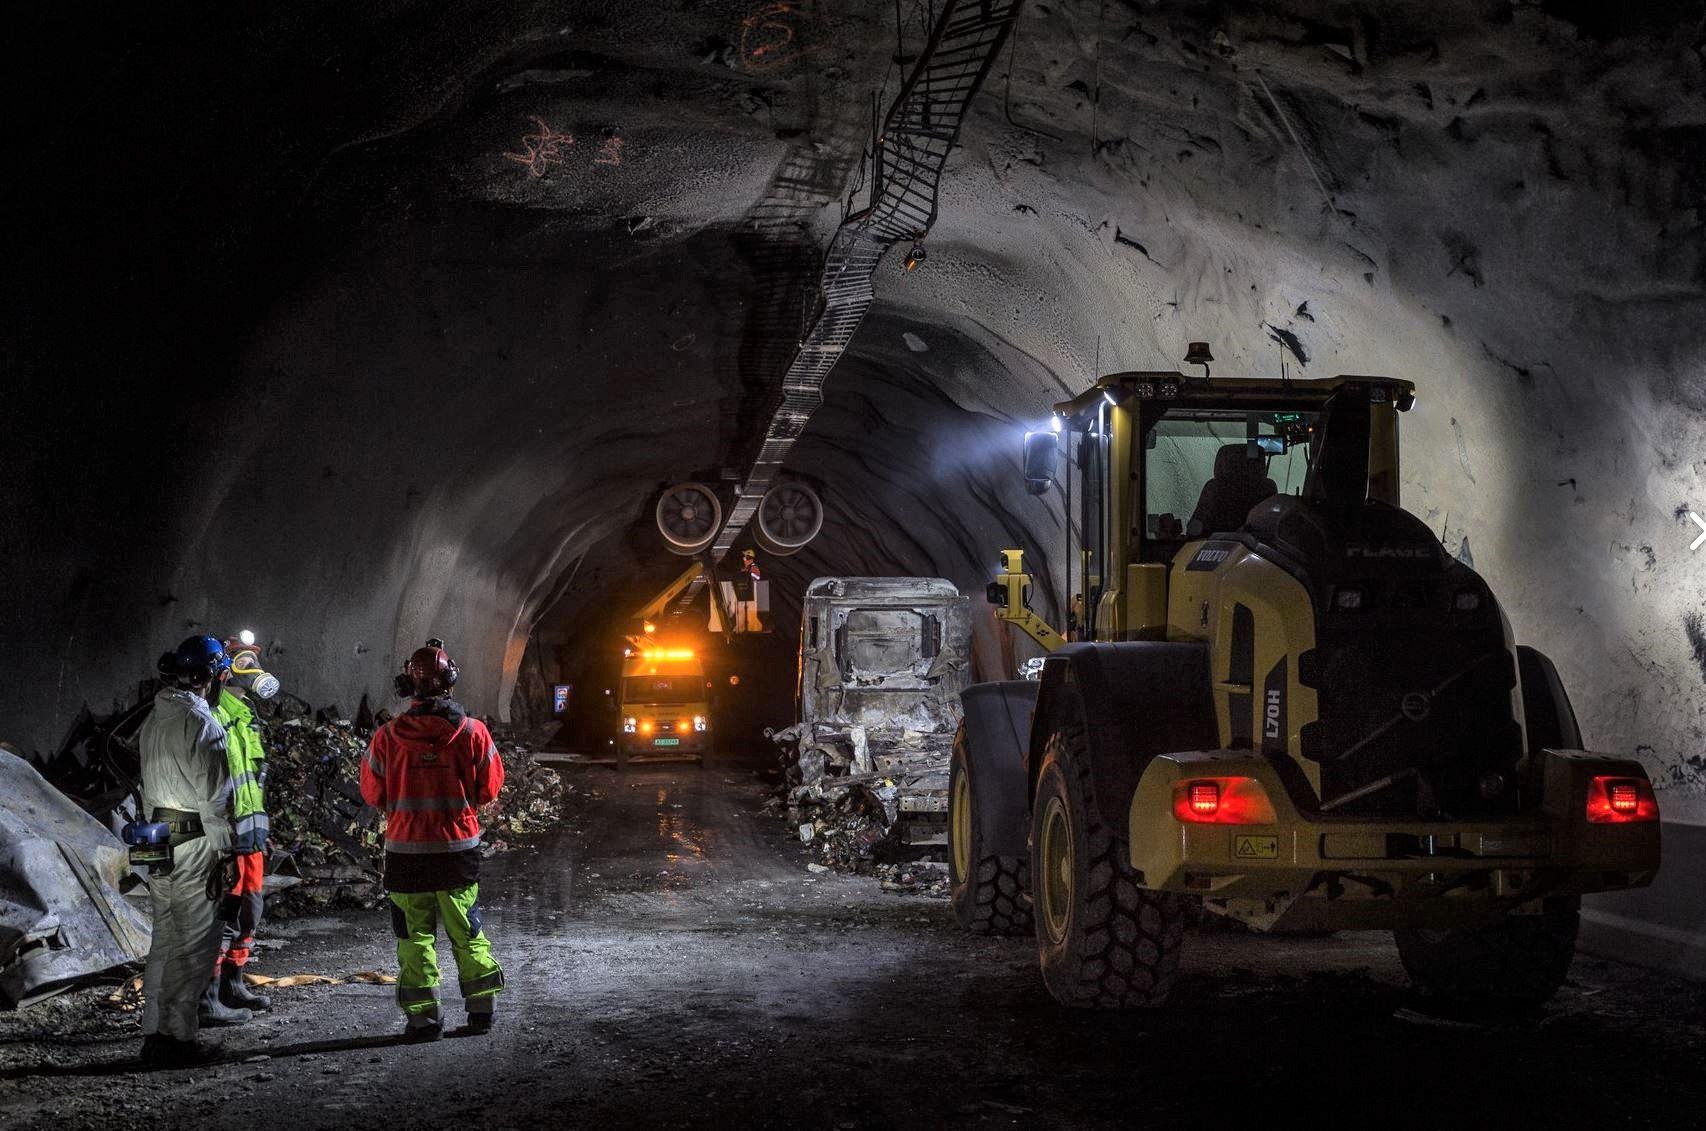 SOTET NED: 13 mann har vært i sving i tunnelen natt til mandag. Tunnelløpet opp til Langhuso, som ble sotet ned i røyken, ble ferdigvasket mandag morgen.